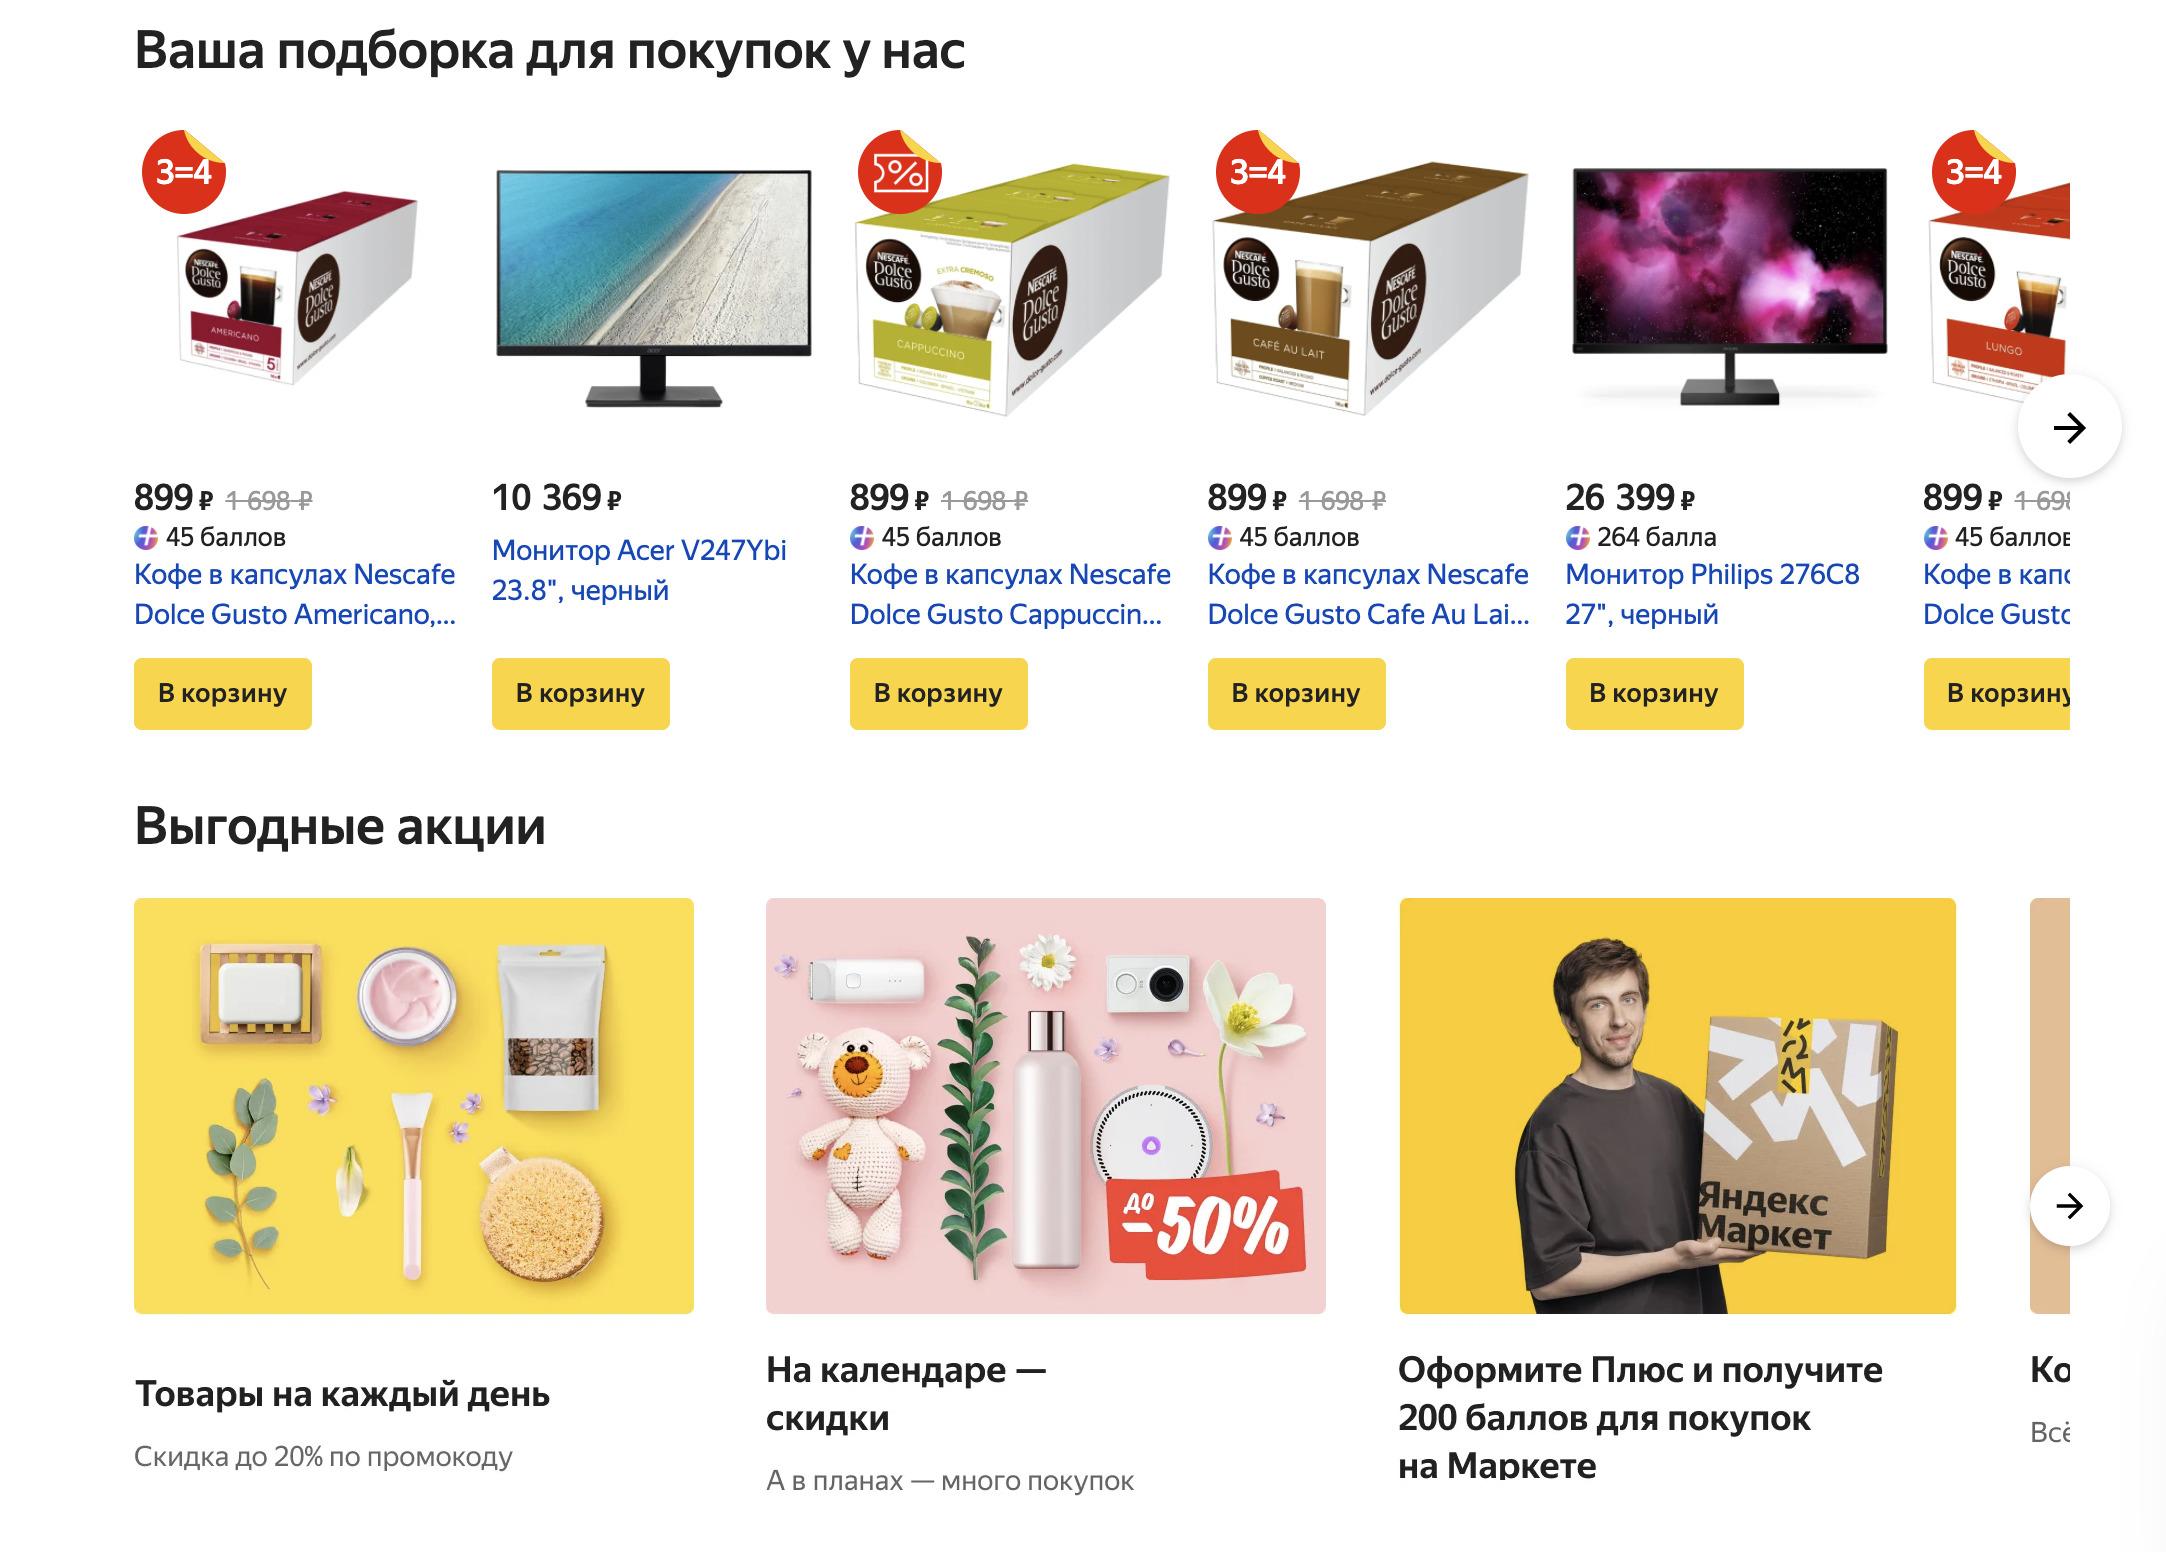 Доставка из Яндекс.Маркет в Чайковский, сроки, пункты выдачи, каталог